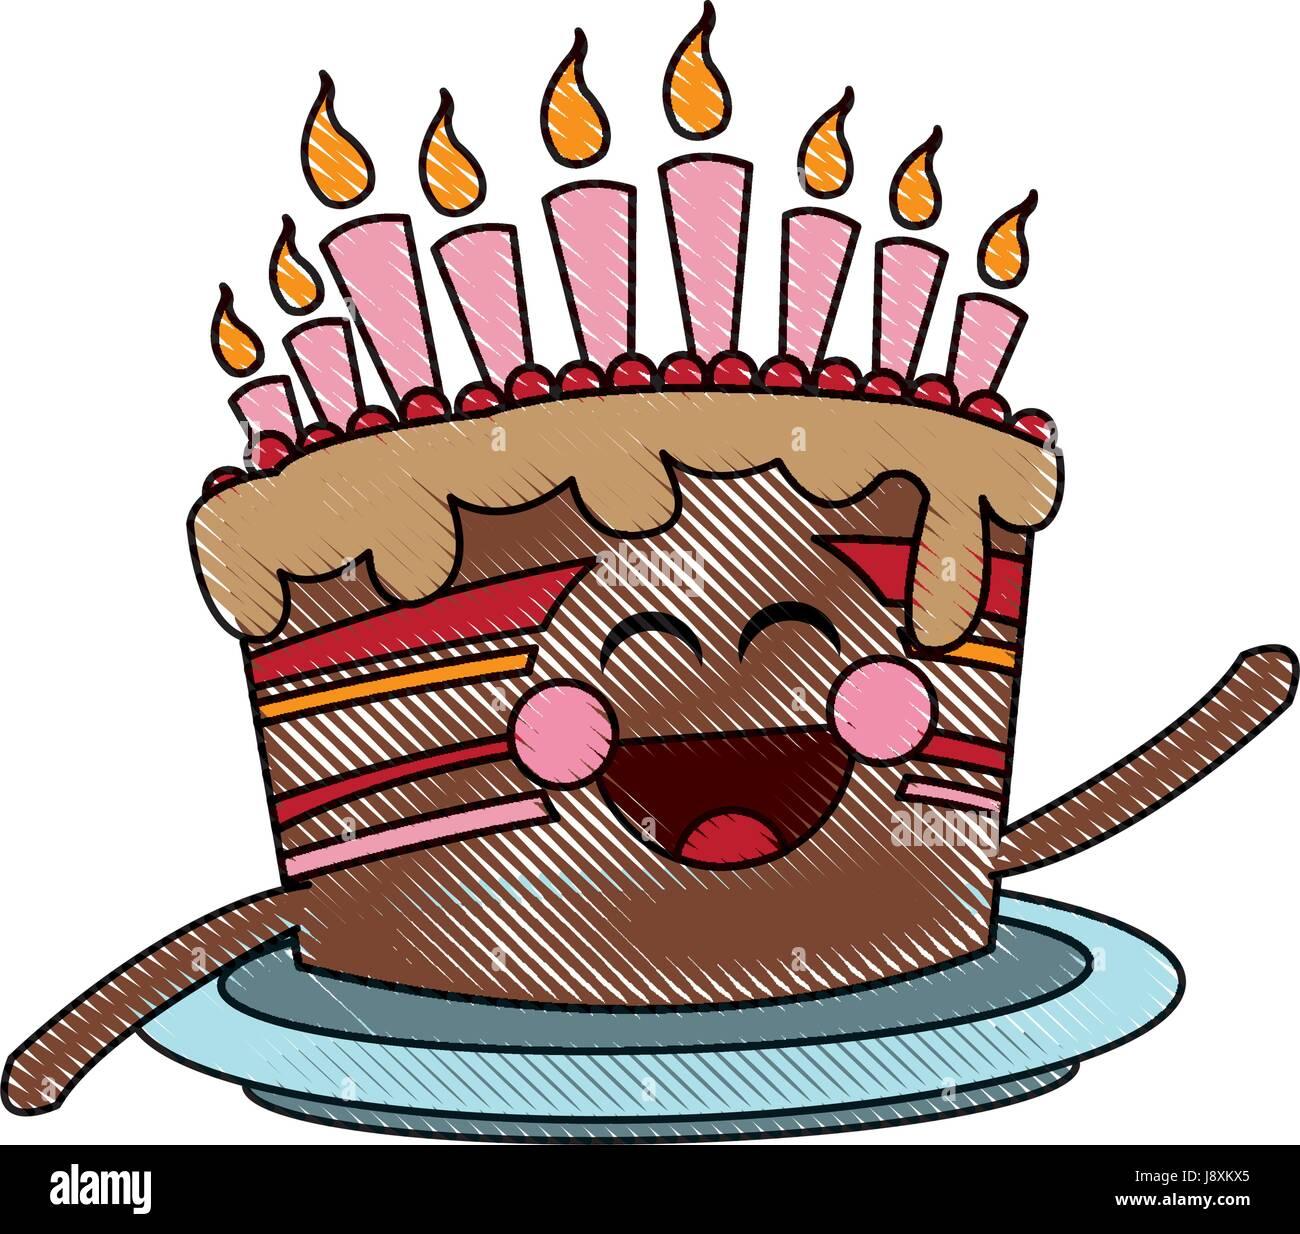 Torta Compleanno Stilizzata.Kawaii Candela Torta Di Compleanno Festa Immagine E Vettoriale Alamy